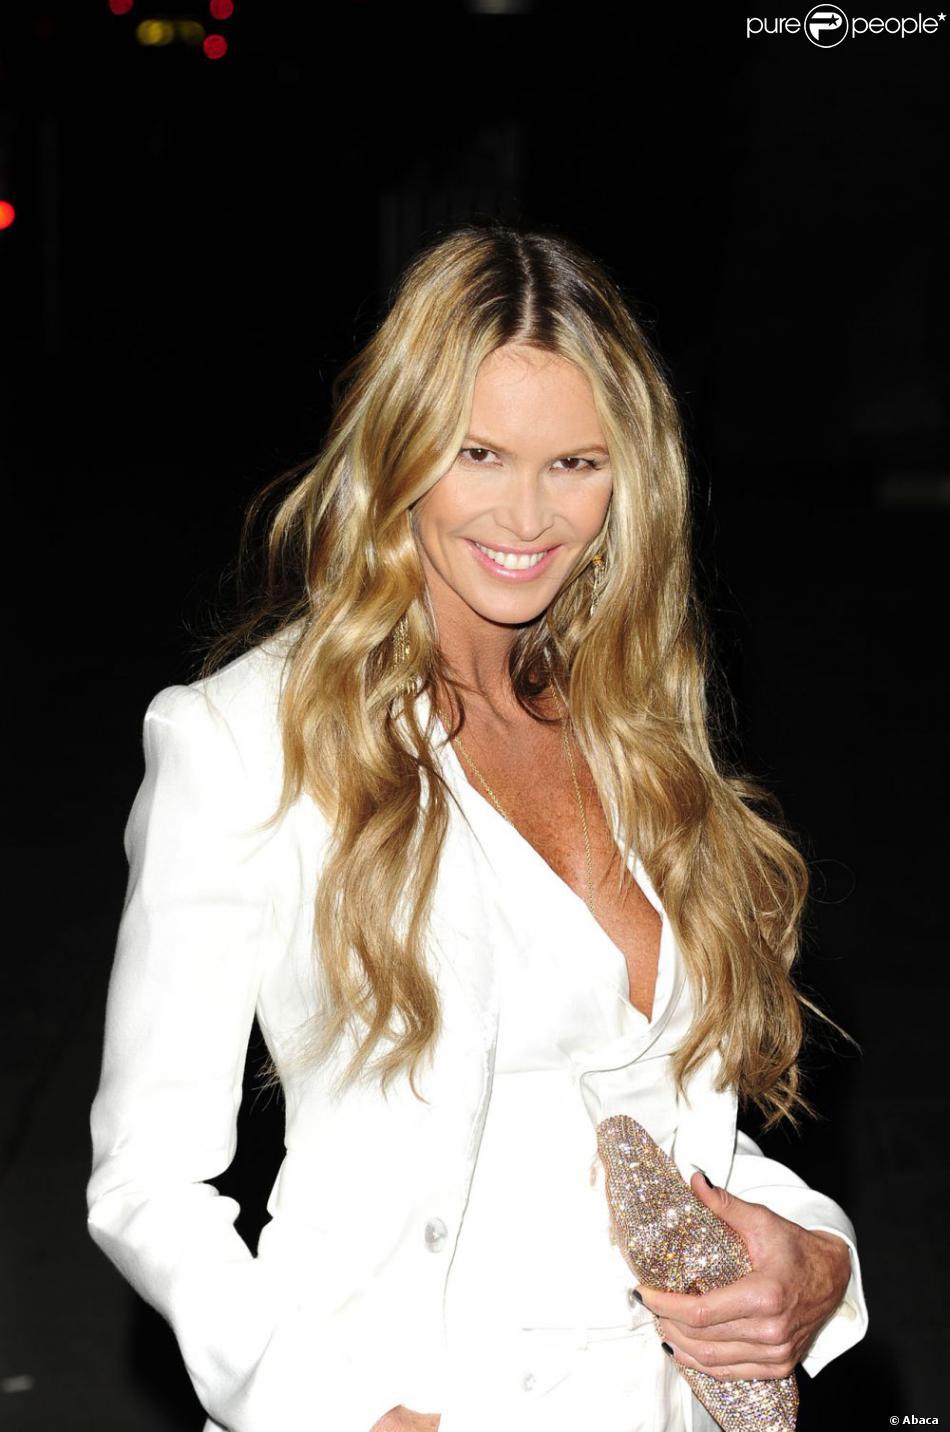 Elle Macpherson aux Rodial Beautiful Awards 2012 à Londres, le 6 mars 2012.